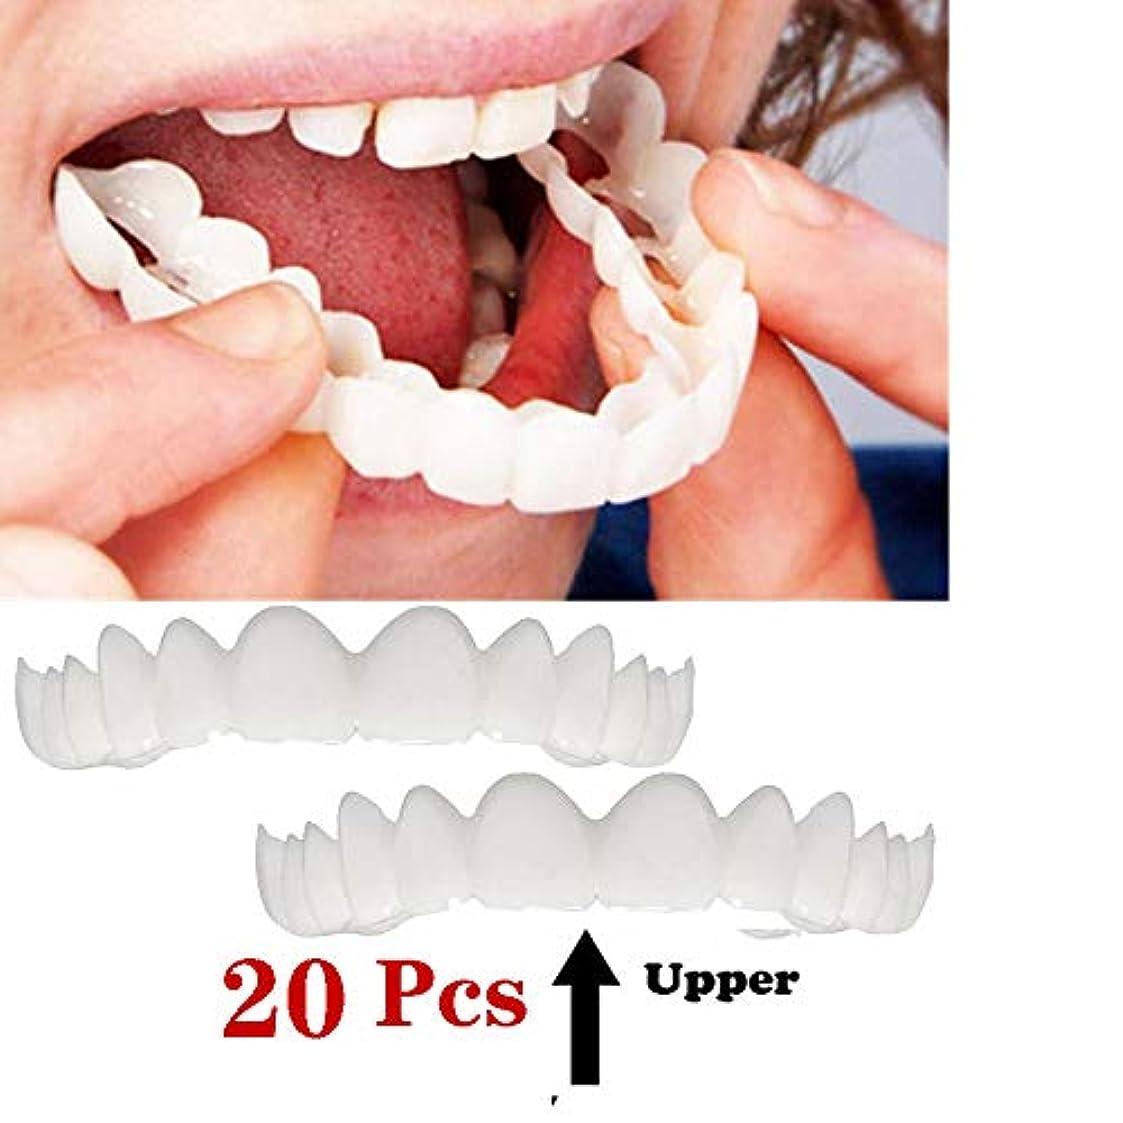 バンド世紀ビルダー笑顔の義歯フィットフレックス化粧品の歯快適なベニヤカバー歯のスナップを白くする笑顔の歯化粧品の義歯、化粧品の歯20個